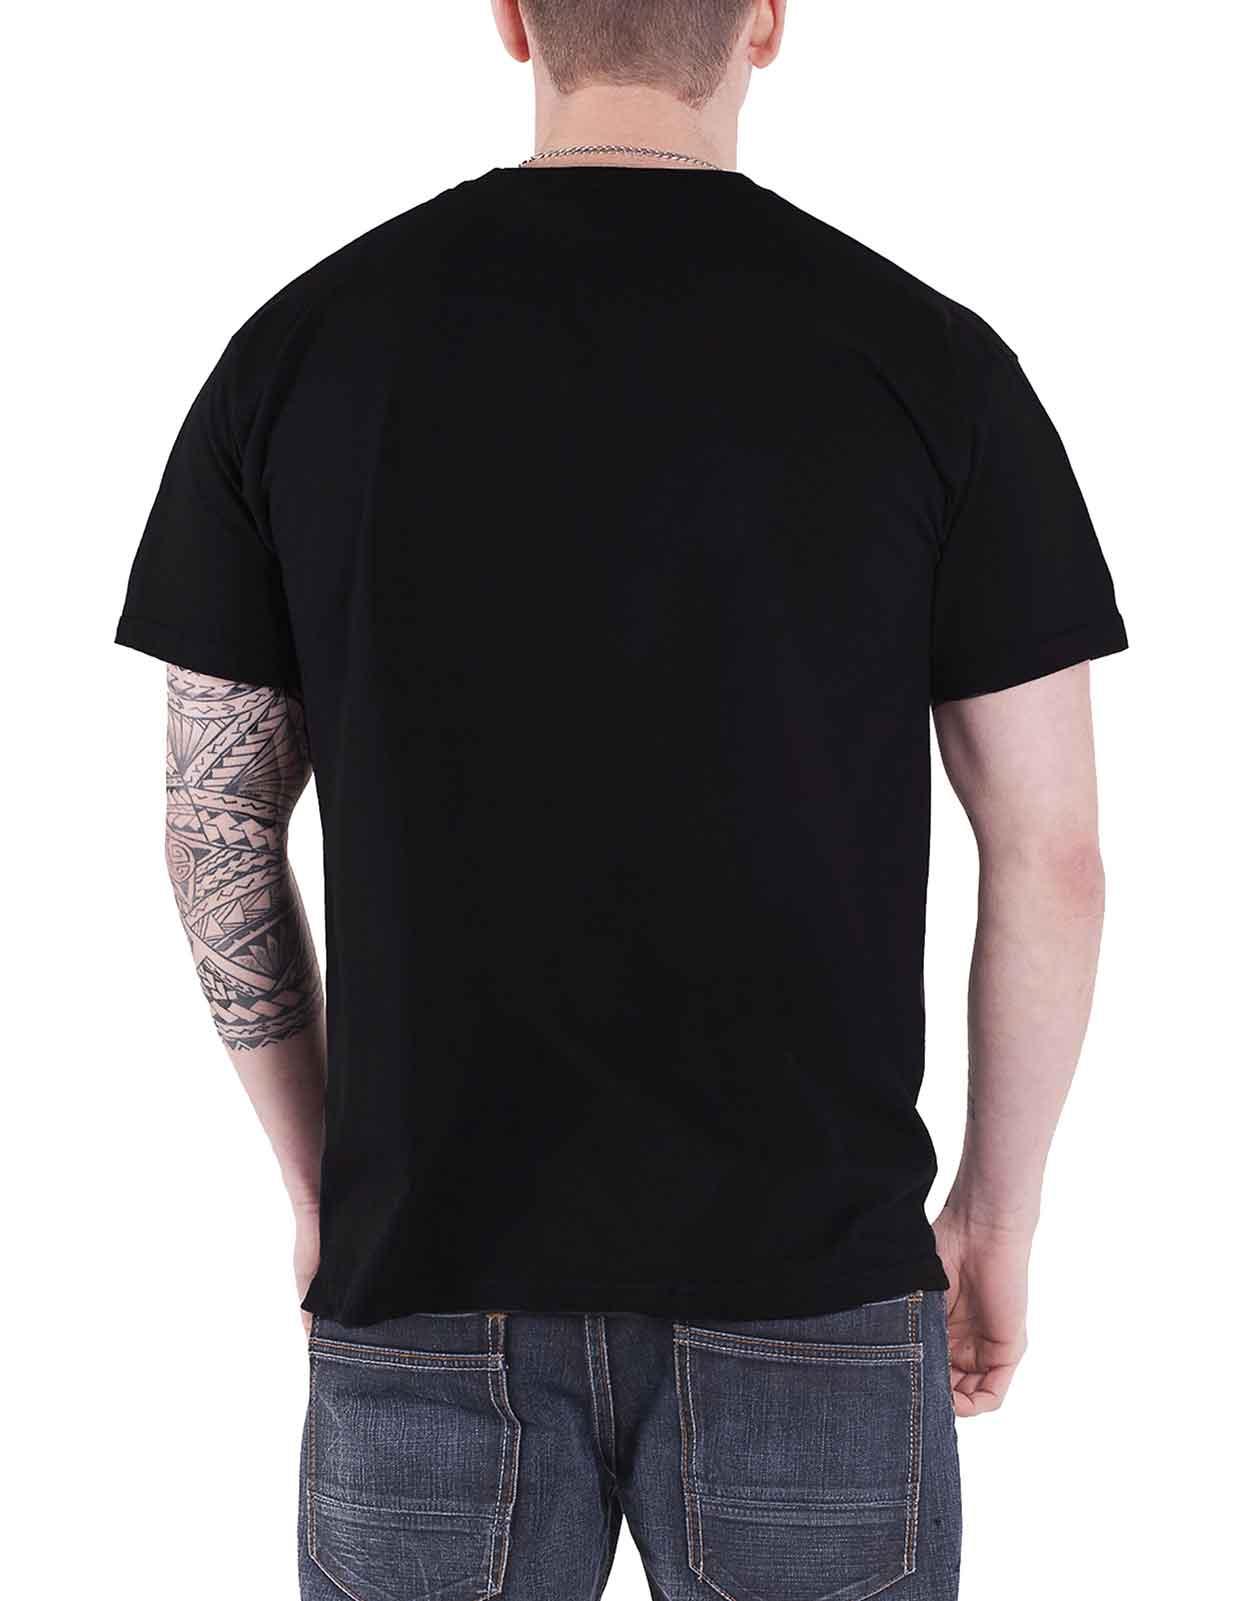 Prueba-oficial-Pantera-T-Shirt-101-pantalla-vulgar-banda-logotipo-Dimebag-Hombre-Nuevo miniatura 3